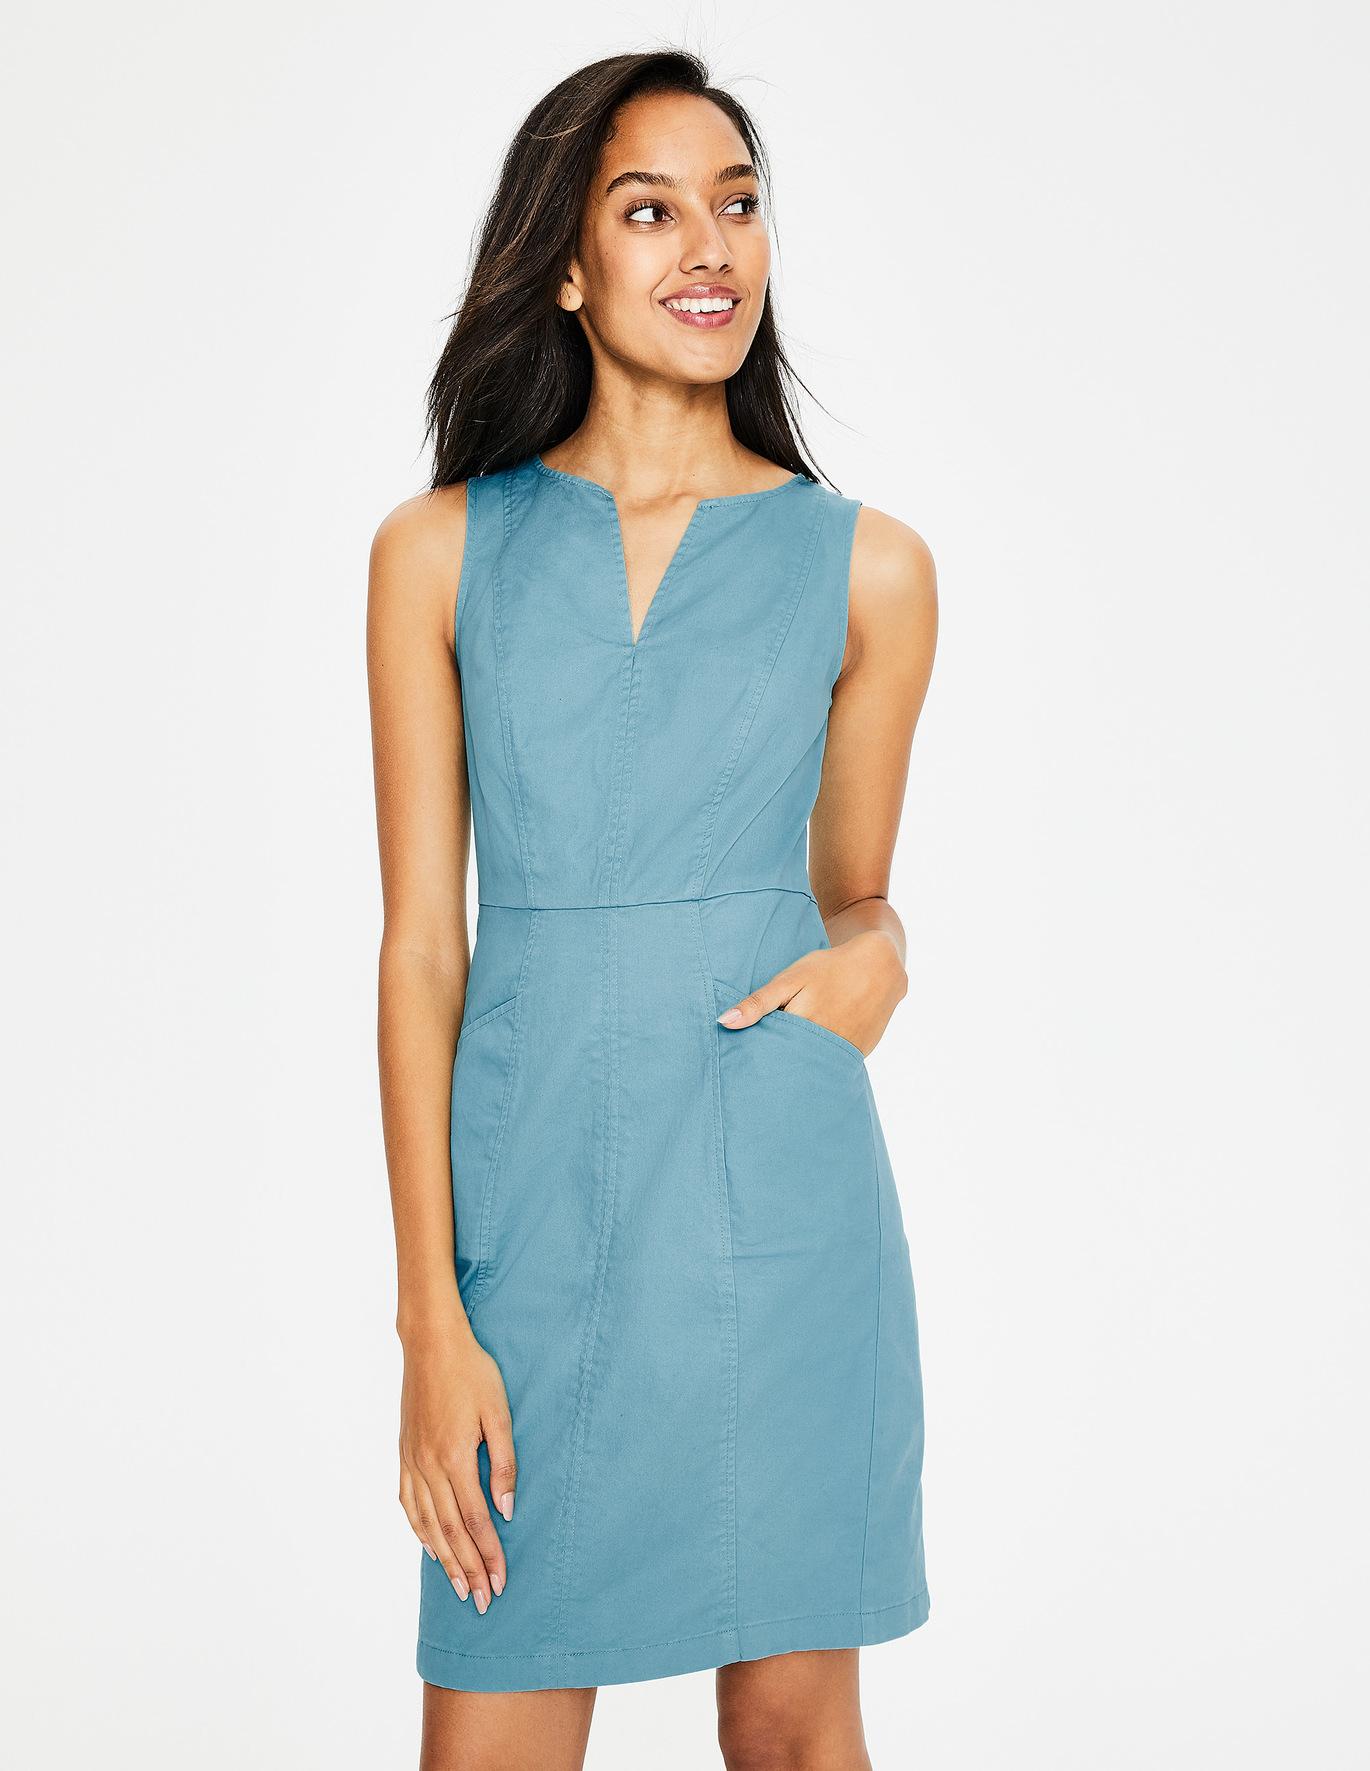 Helena Chino Dress